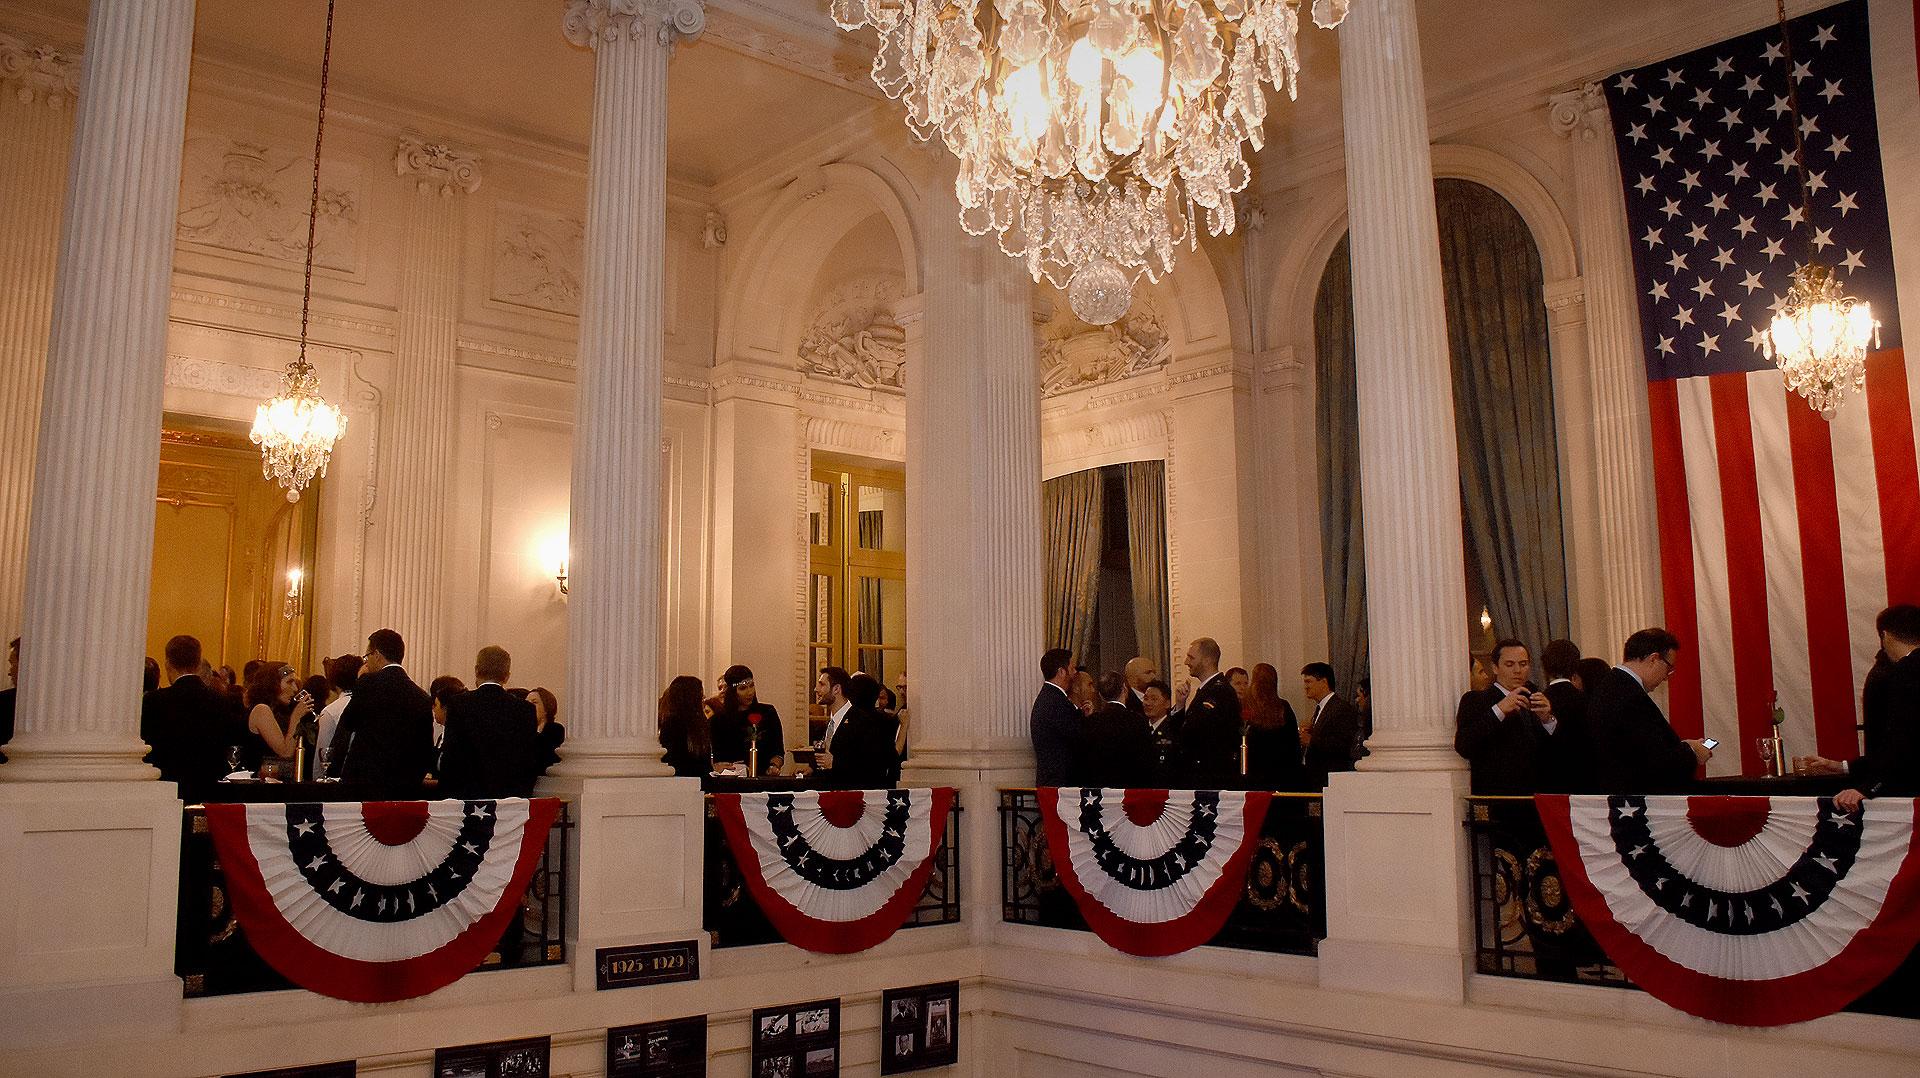 La gran celebración incluyó el festejo del primer centenario del Palacio Bosch